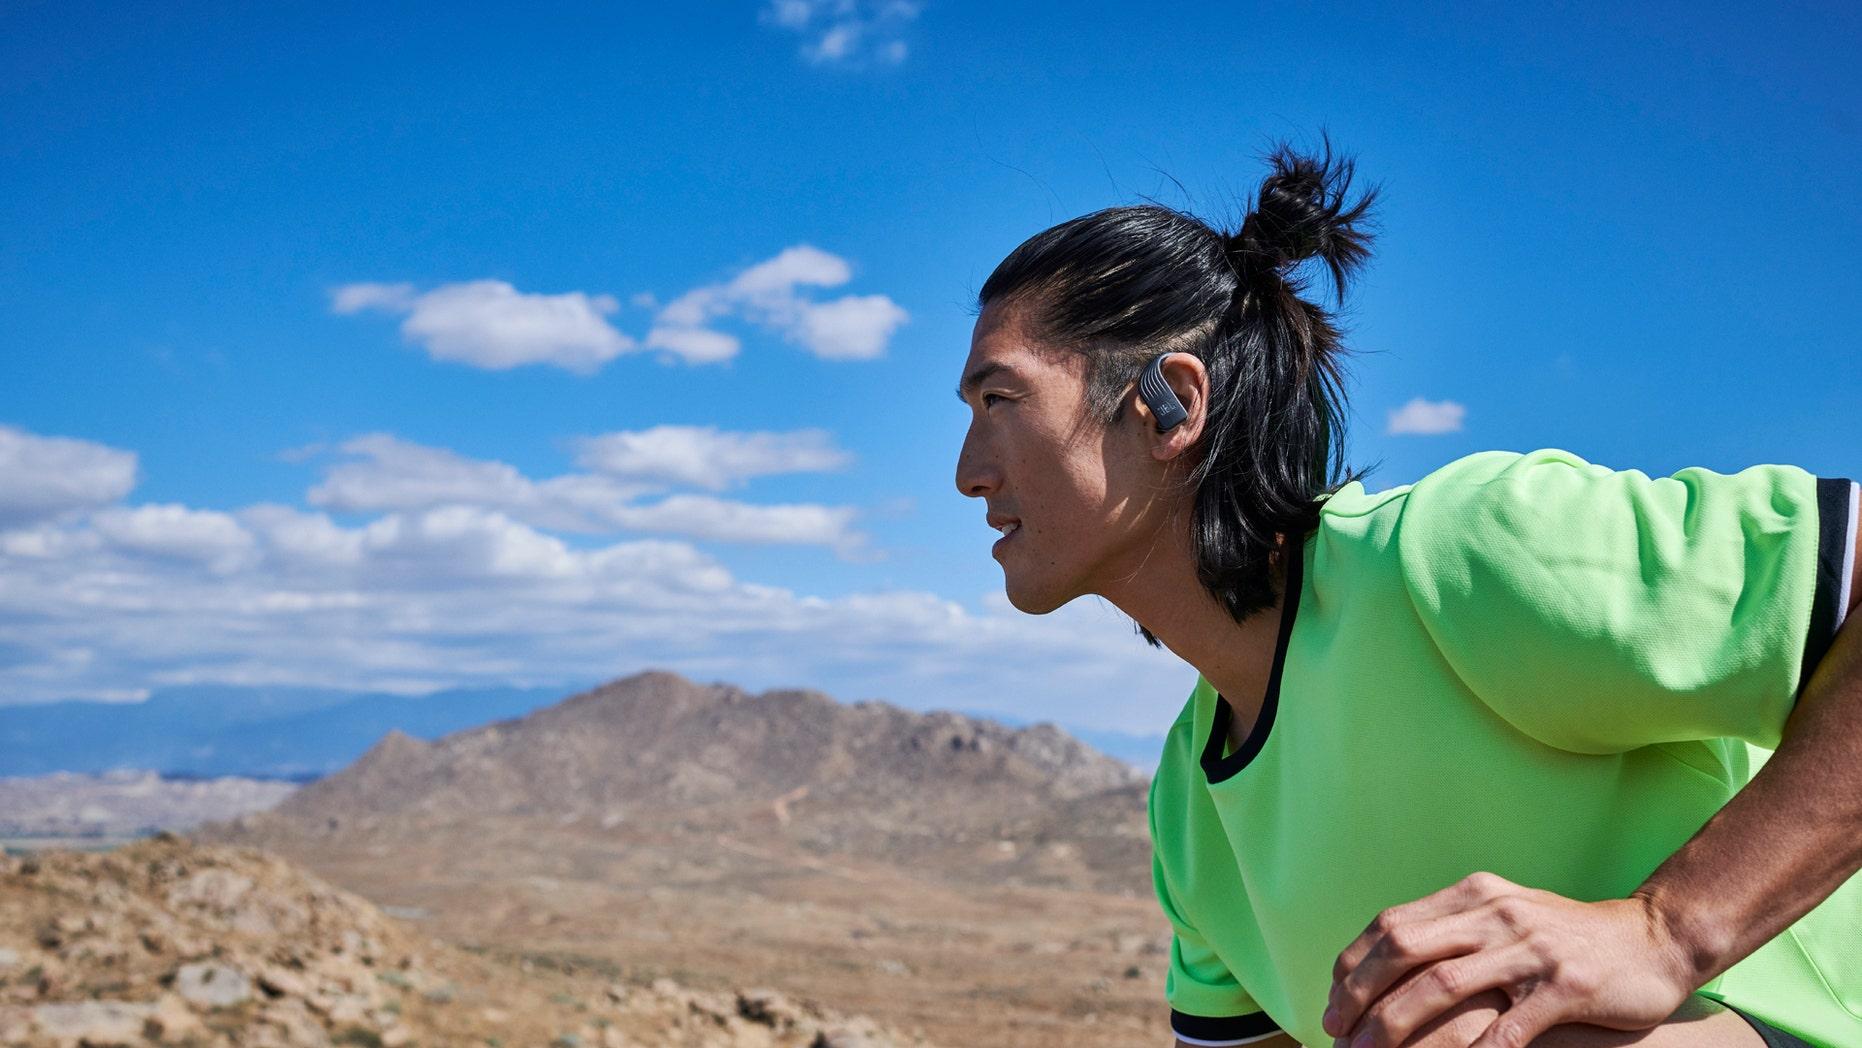 JBL Endurance Peak Earbuds (JBL)